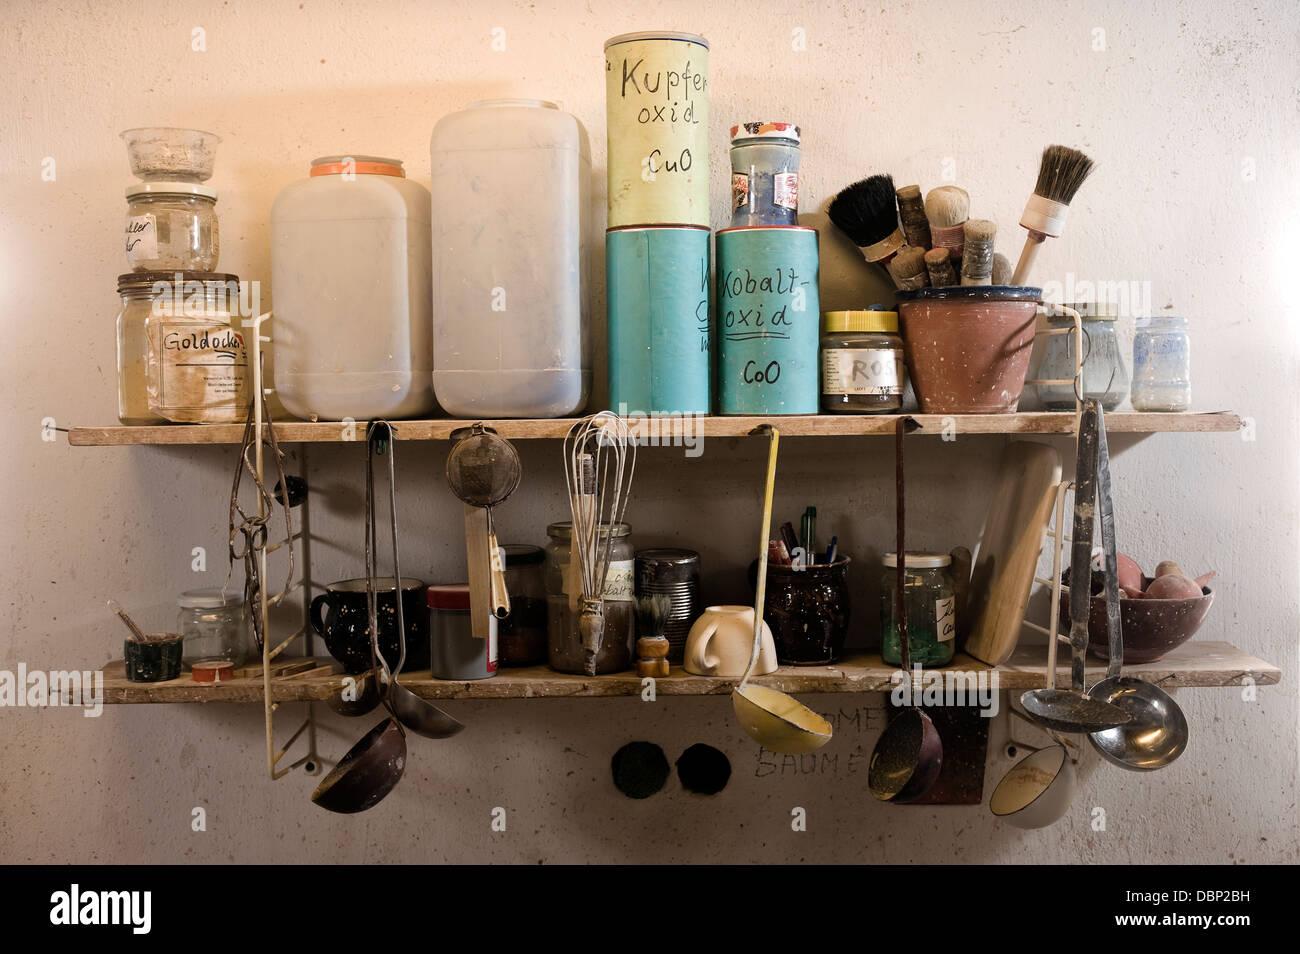 Keramik-Tools auf einem Regal, Bayern, Deutschland, Europa Stockbild